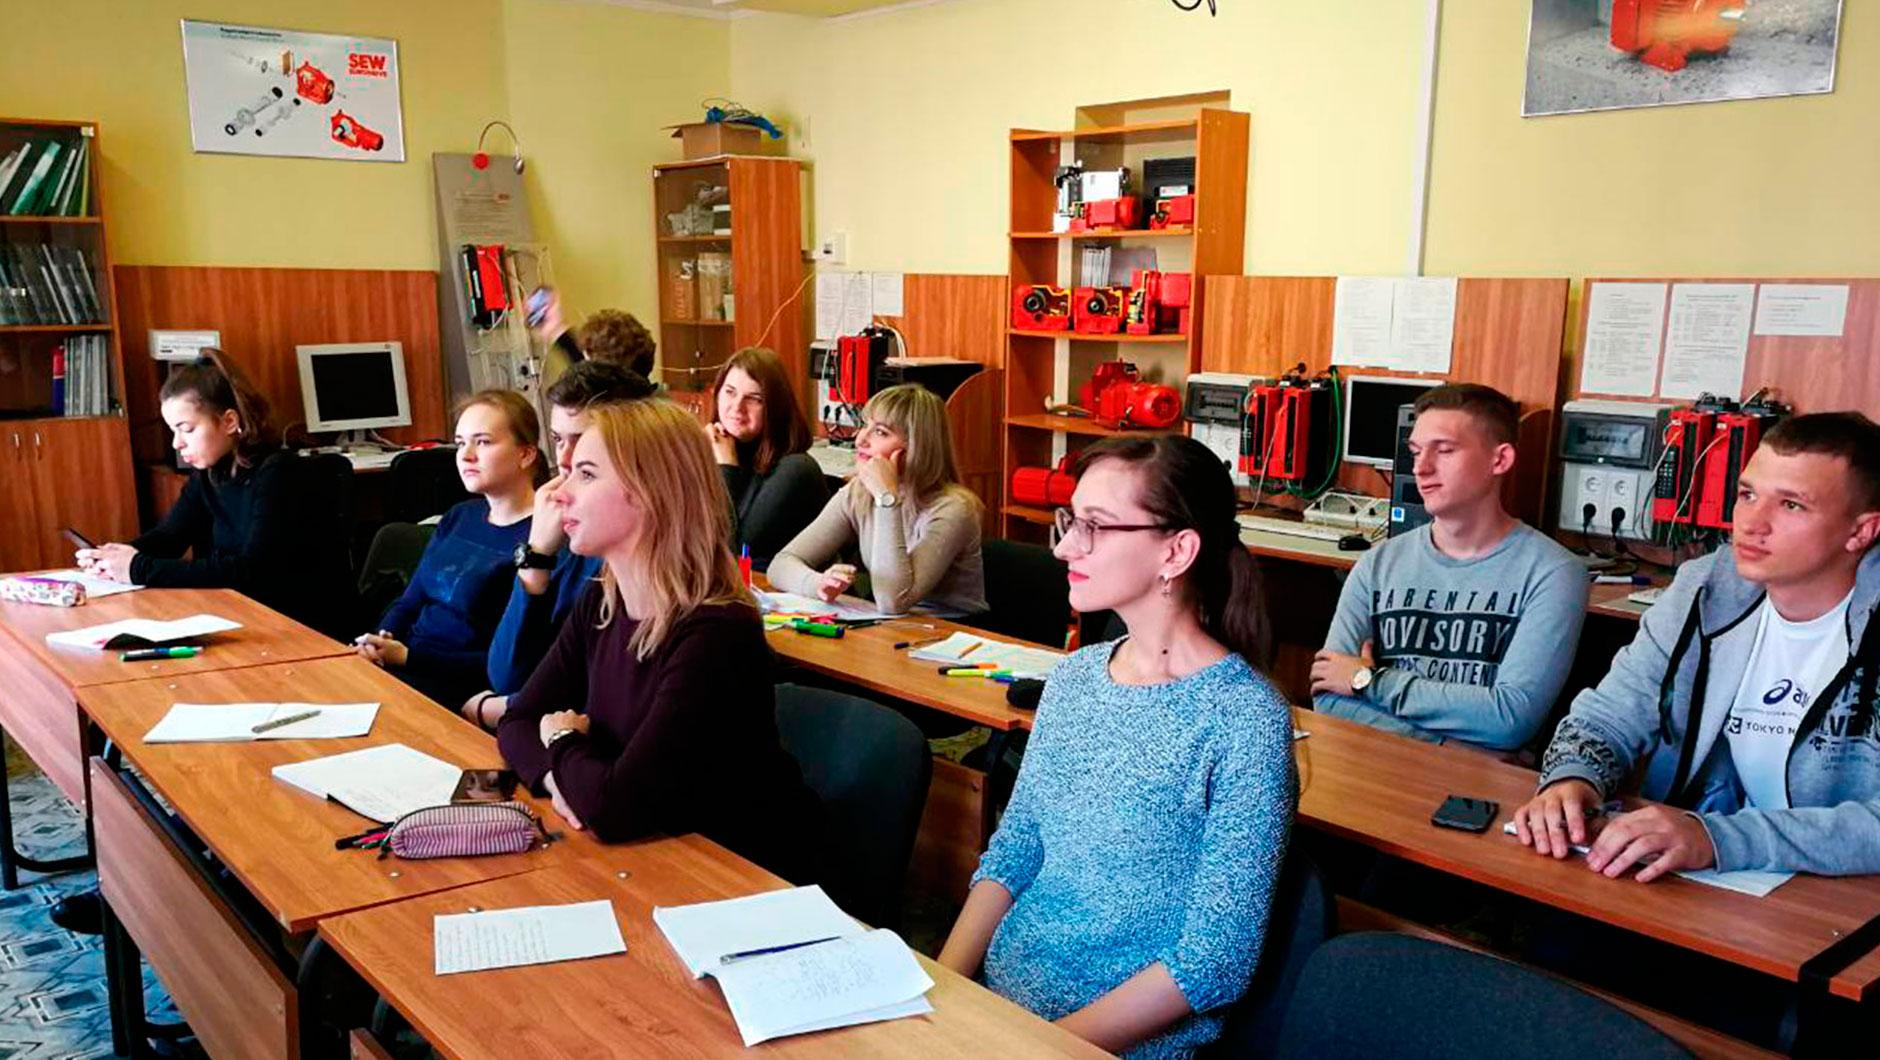 На белорусские программы документы можно подать с 25 июля по 31 июля (бюджет) и с 25 июля по 15 августа (платное). Кстати, иногородние студенты дневной формы получают общежитие на весь период обучения